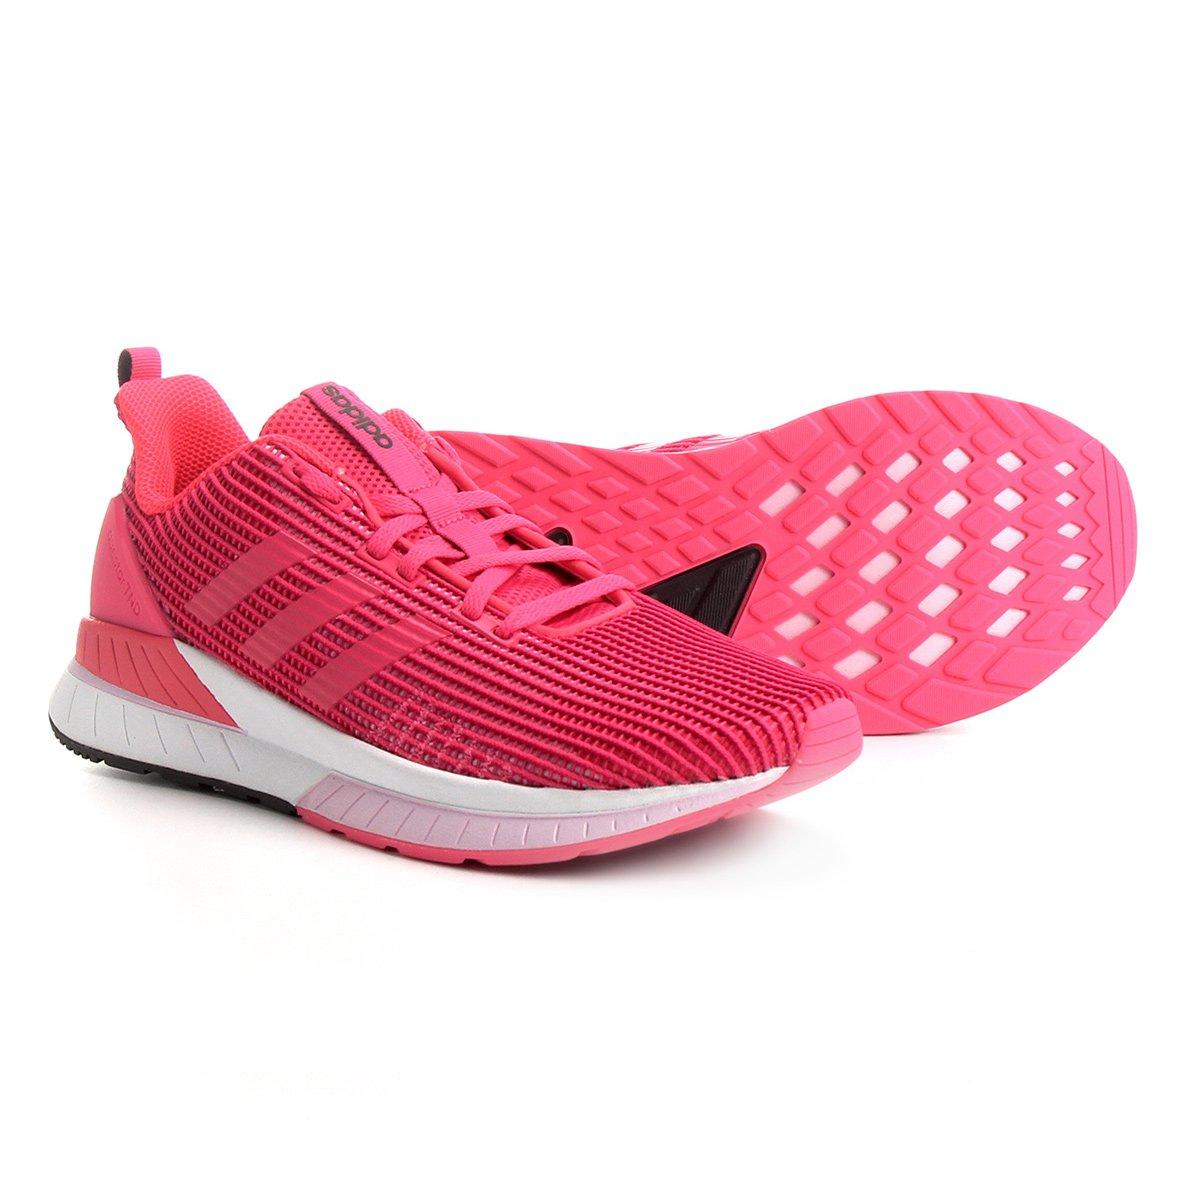 3683e0ca37cd7 Tênis Adidas Questar TND Feminino - Compre Agora